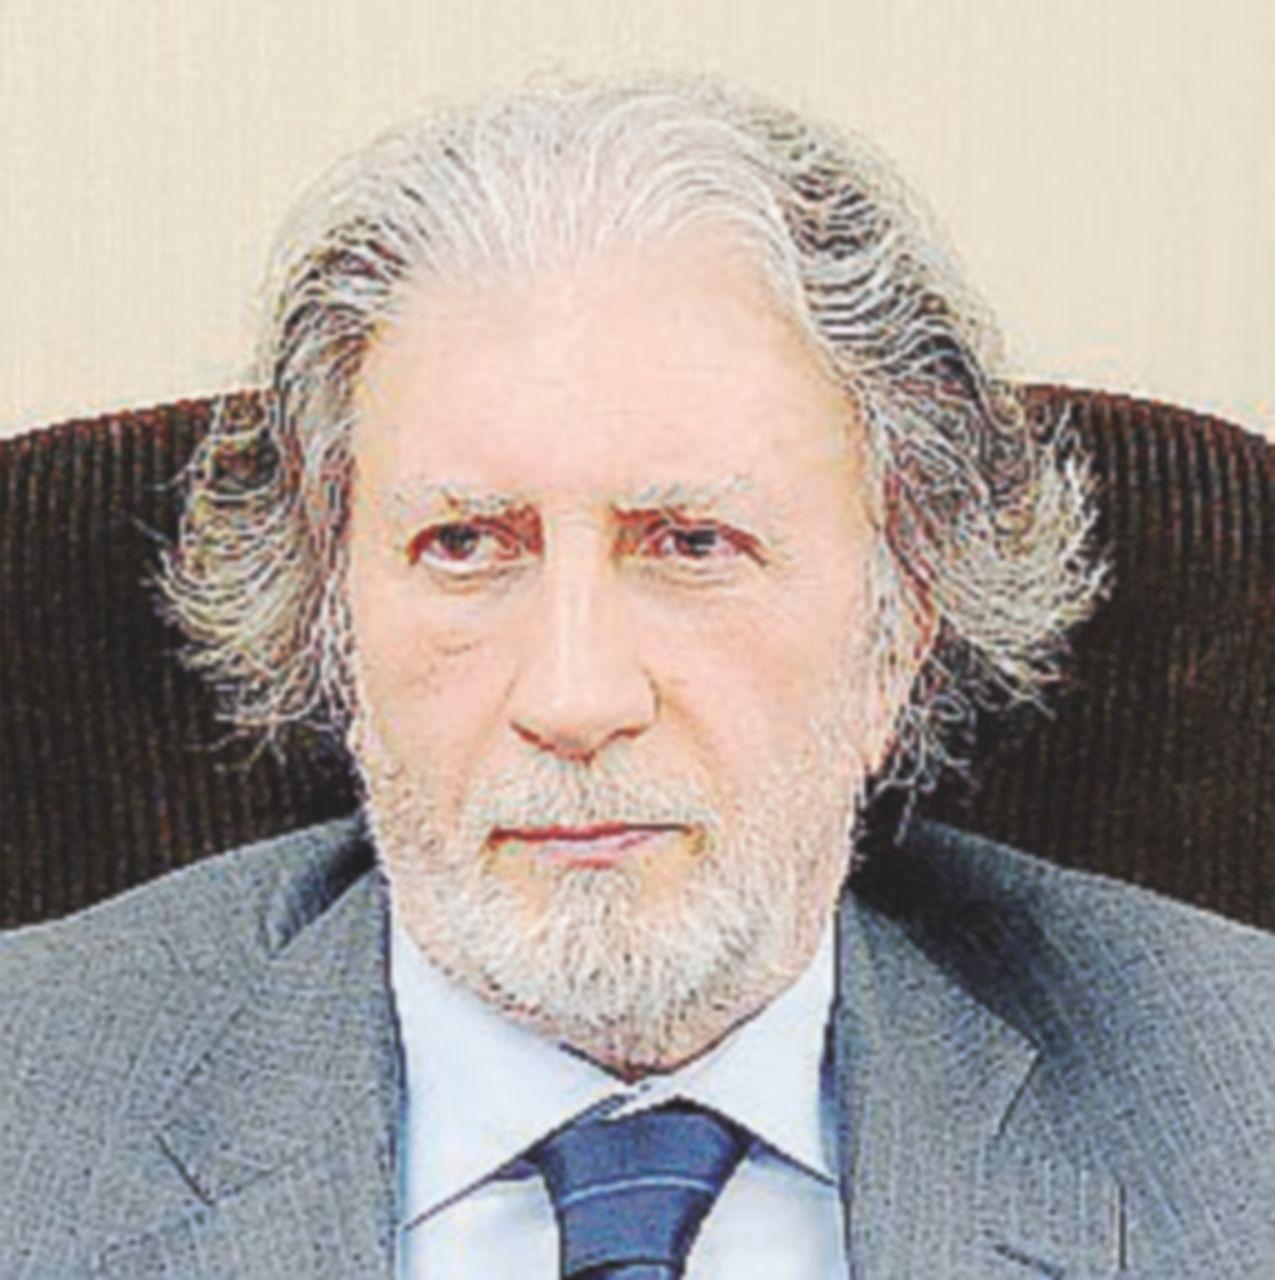 Voto di scambio mafioso, Scarpinato contro Procura